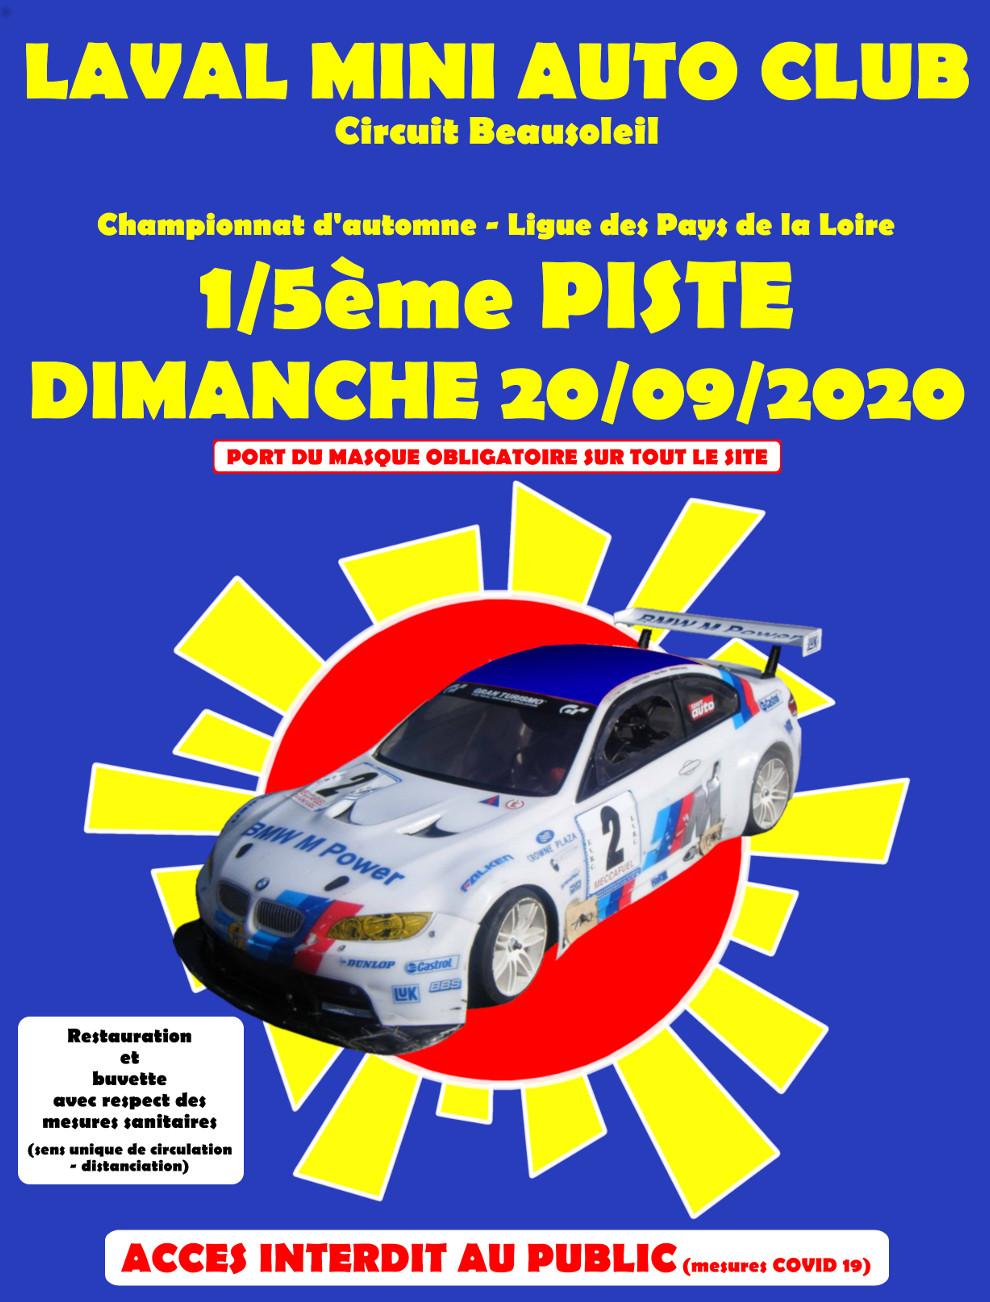 Affiche LMAC - 20 septembre 2020